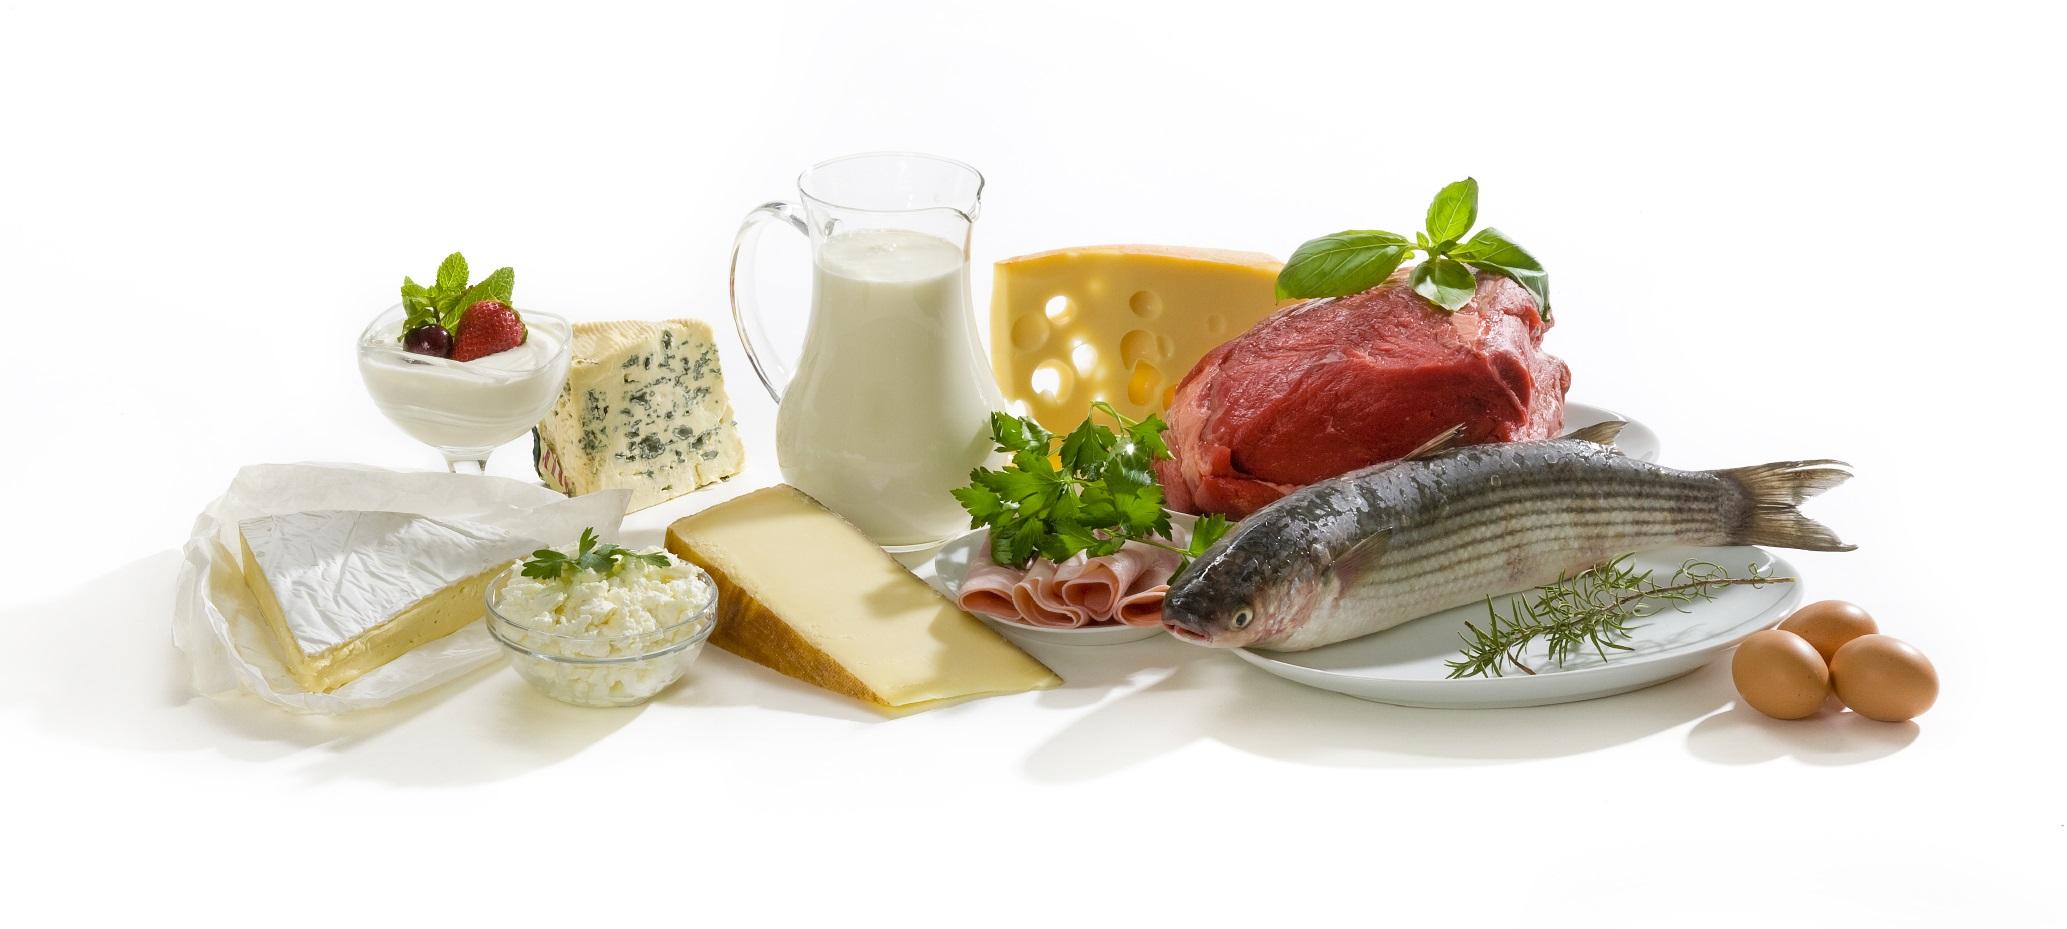 Makanan Wajib Dihindari untuk Diet Autisme